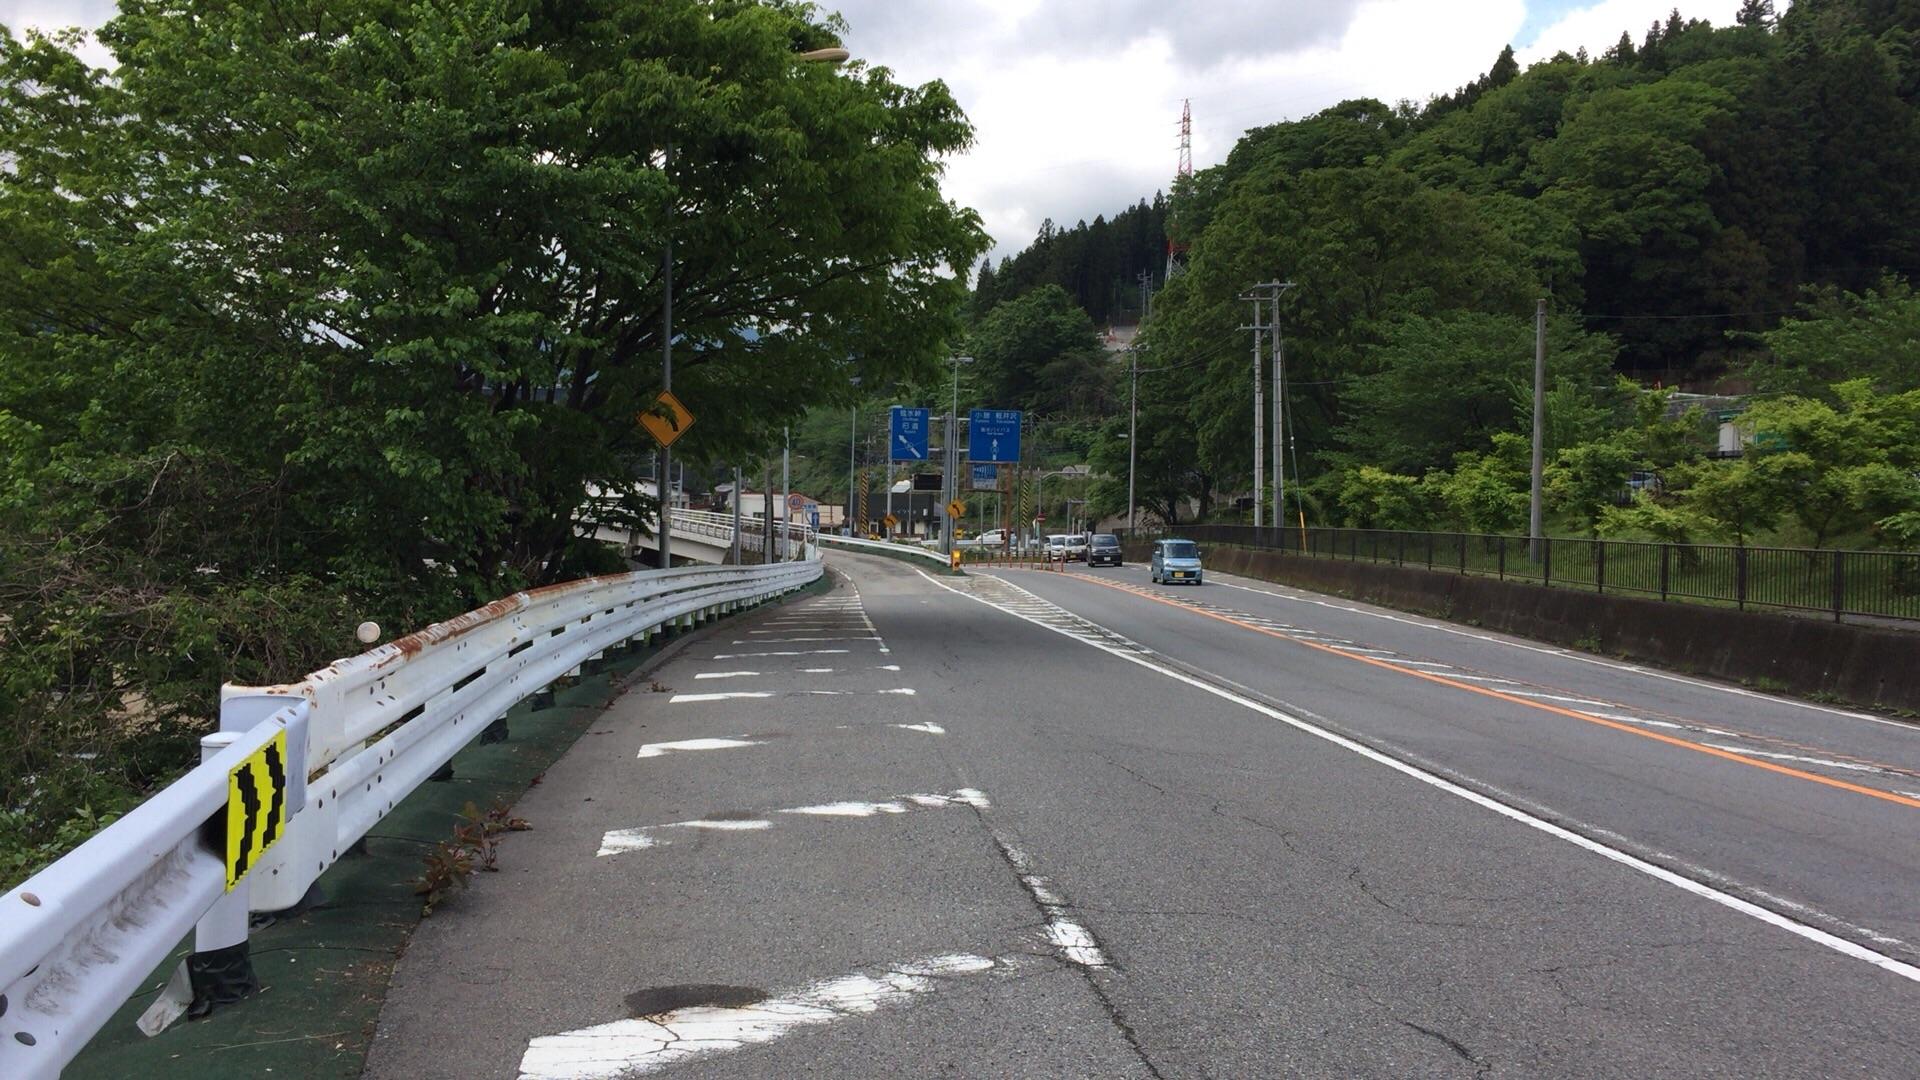 f:id:mfj_maap_jp:20170520131251j:image